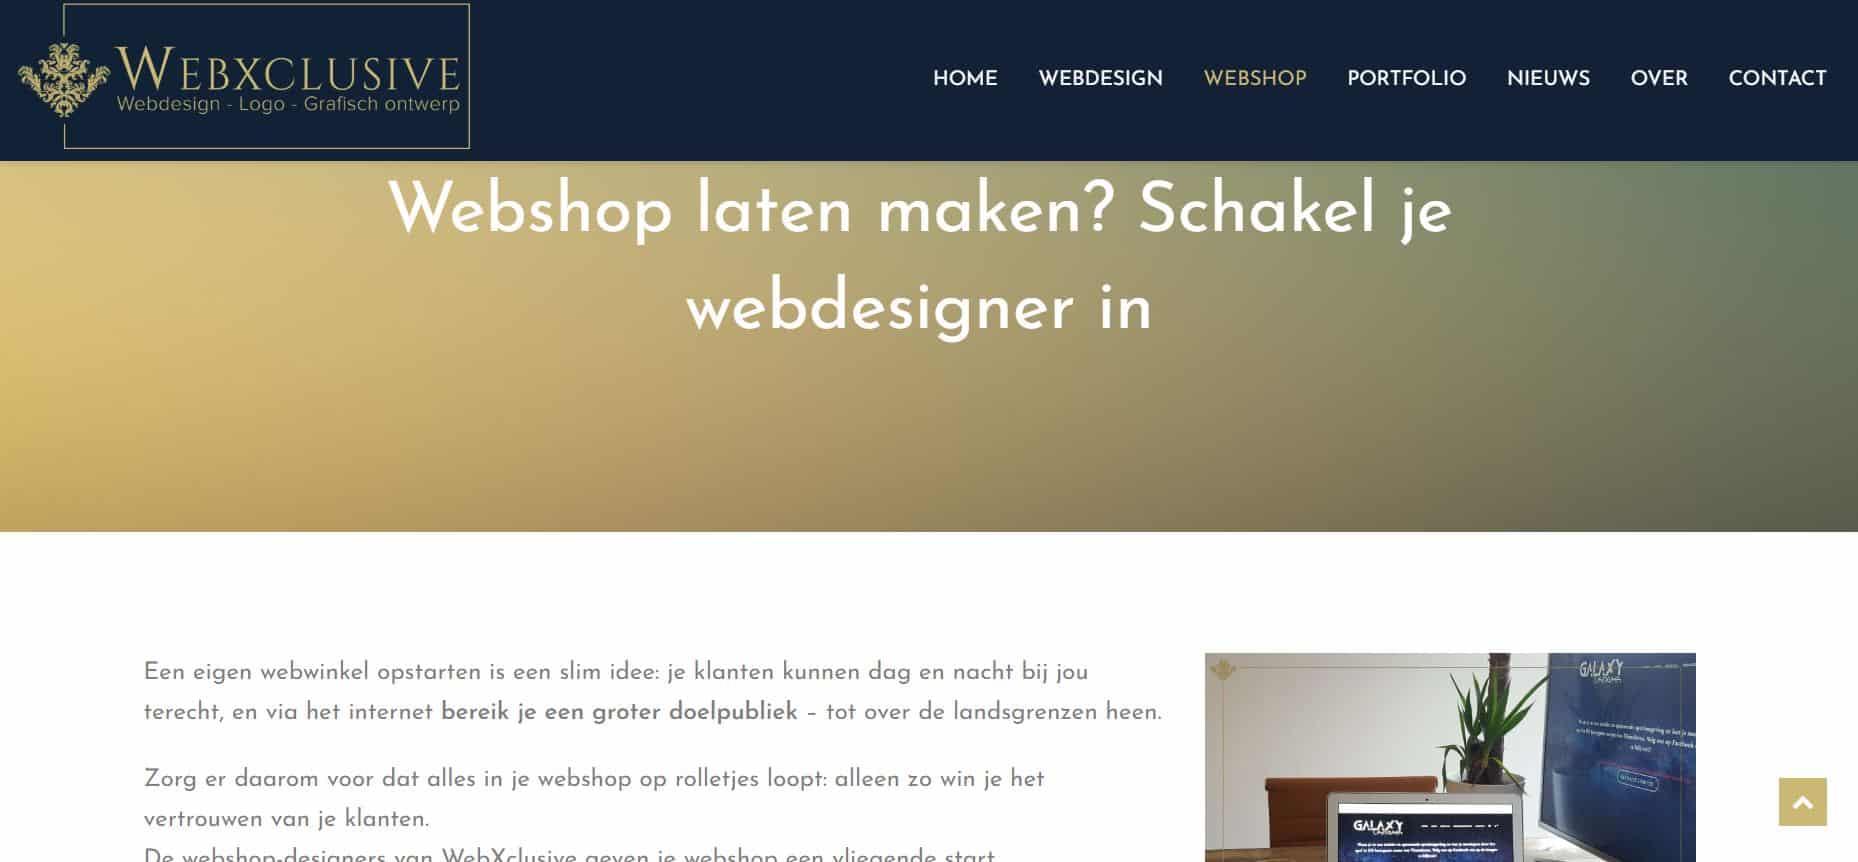 realisatie WebXclusive webshop